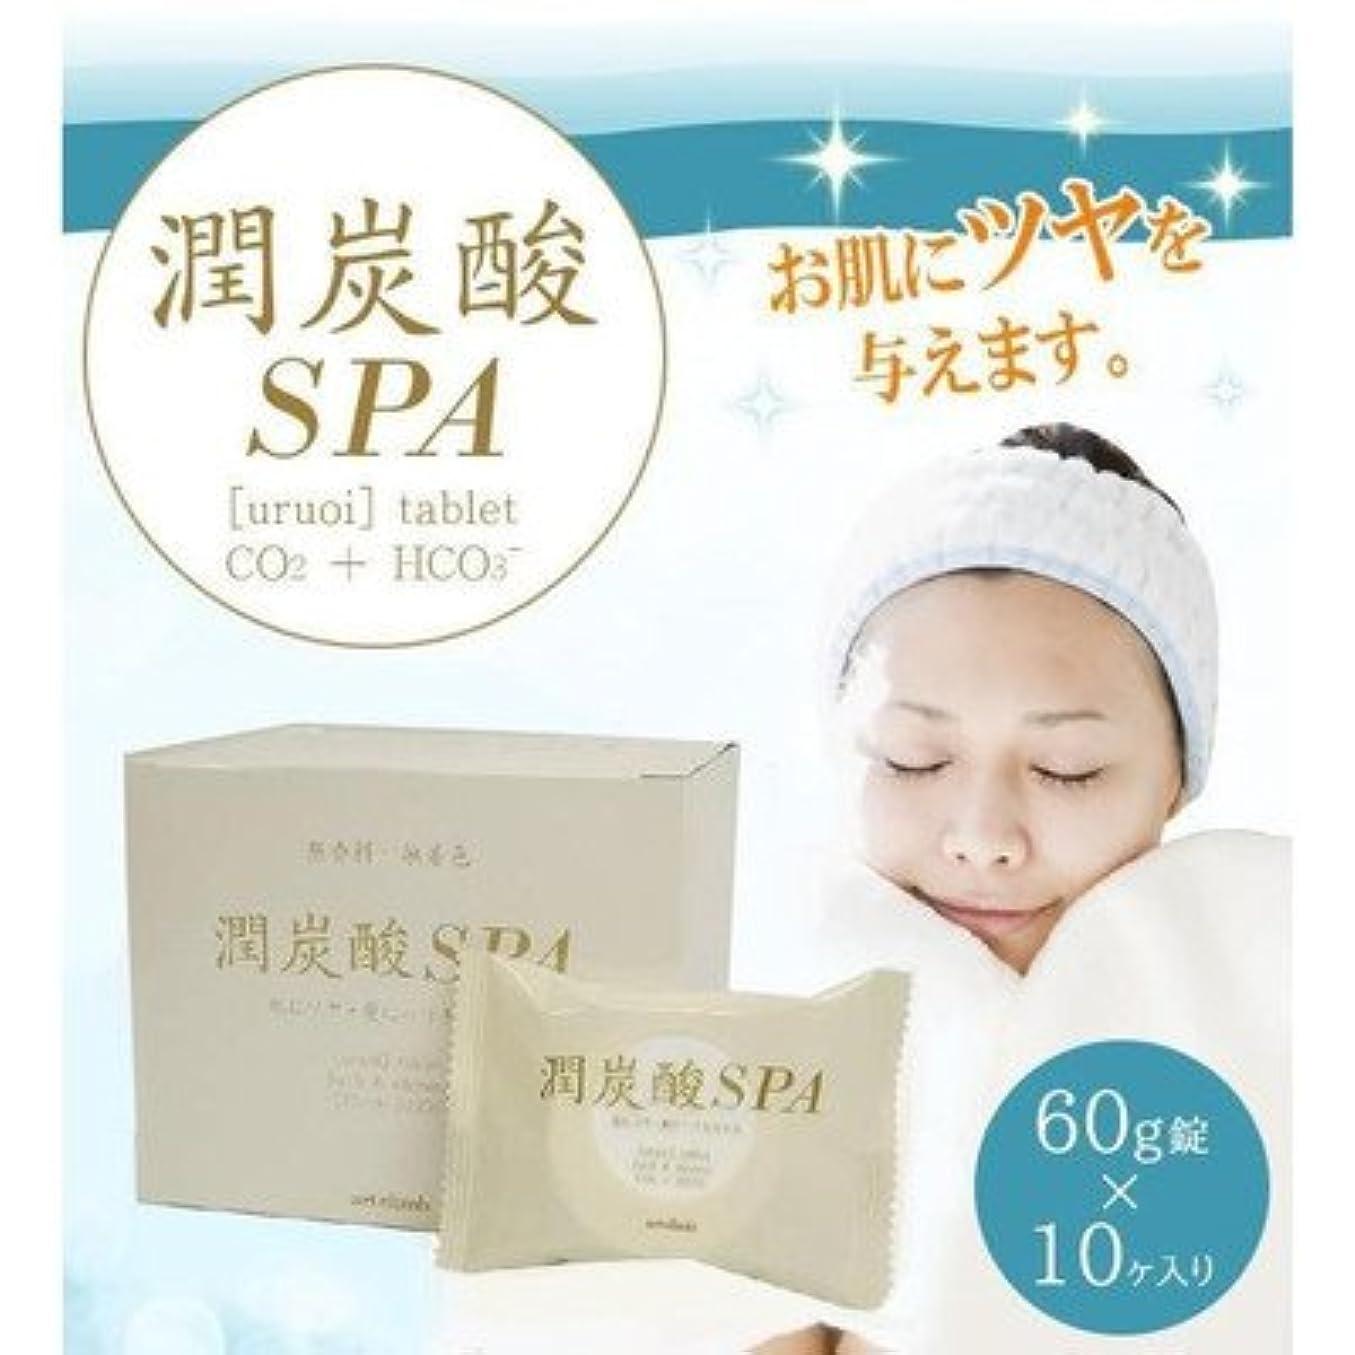 早く選ぶ靄潤炭酸SPA BS 60g錠×10ヶ入り (浴用化粧料)